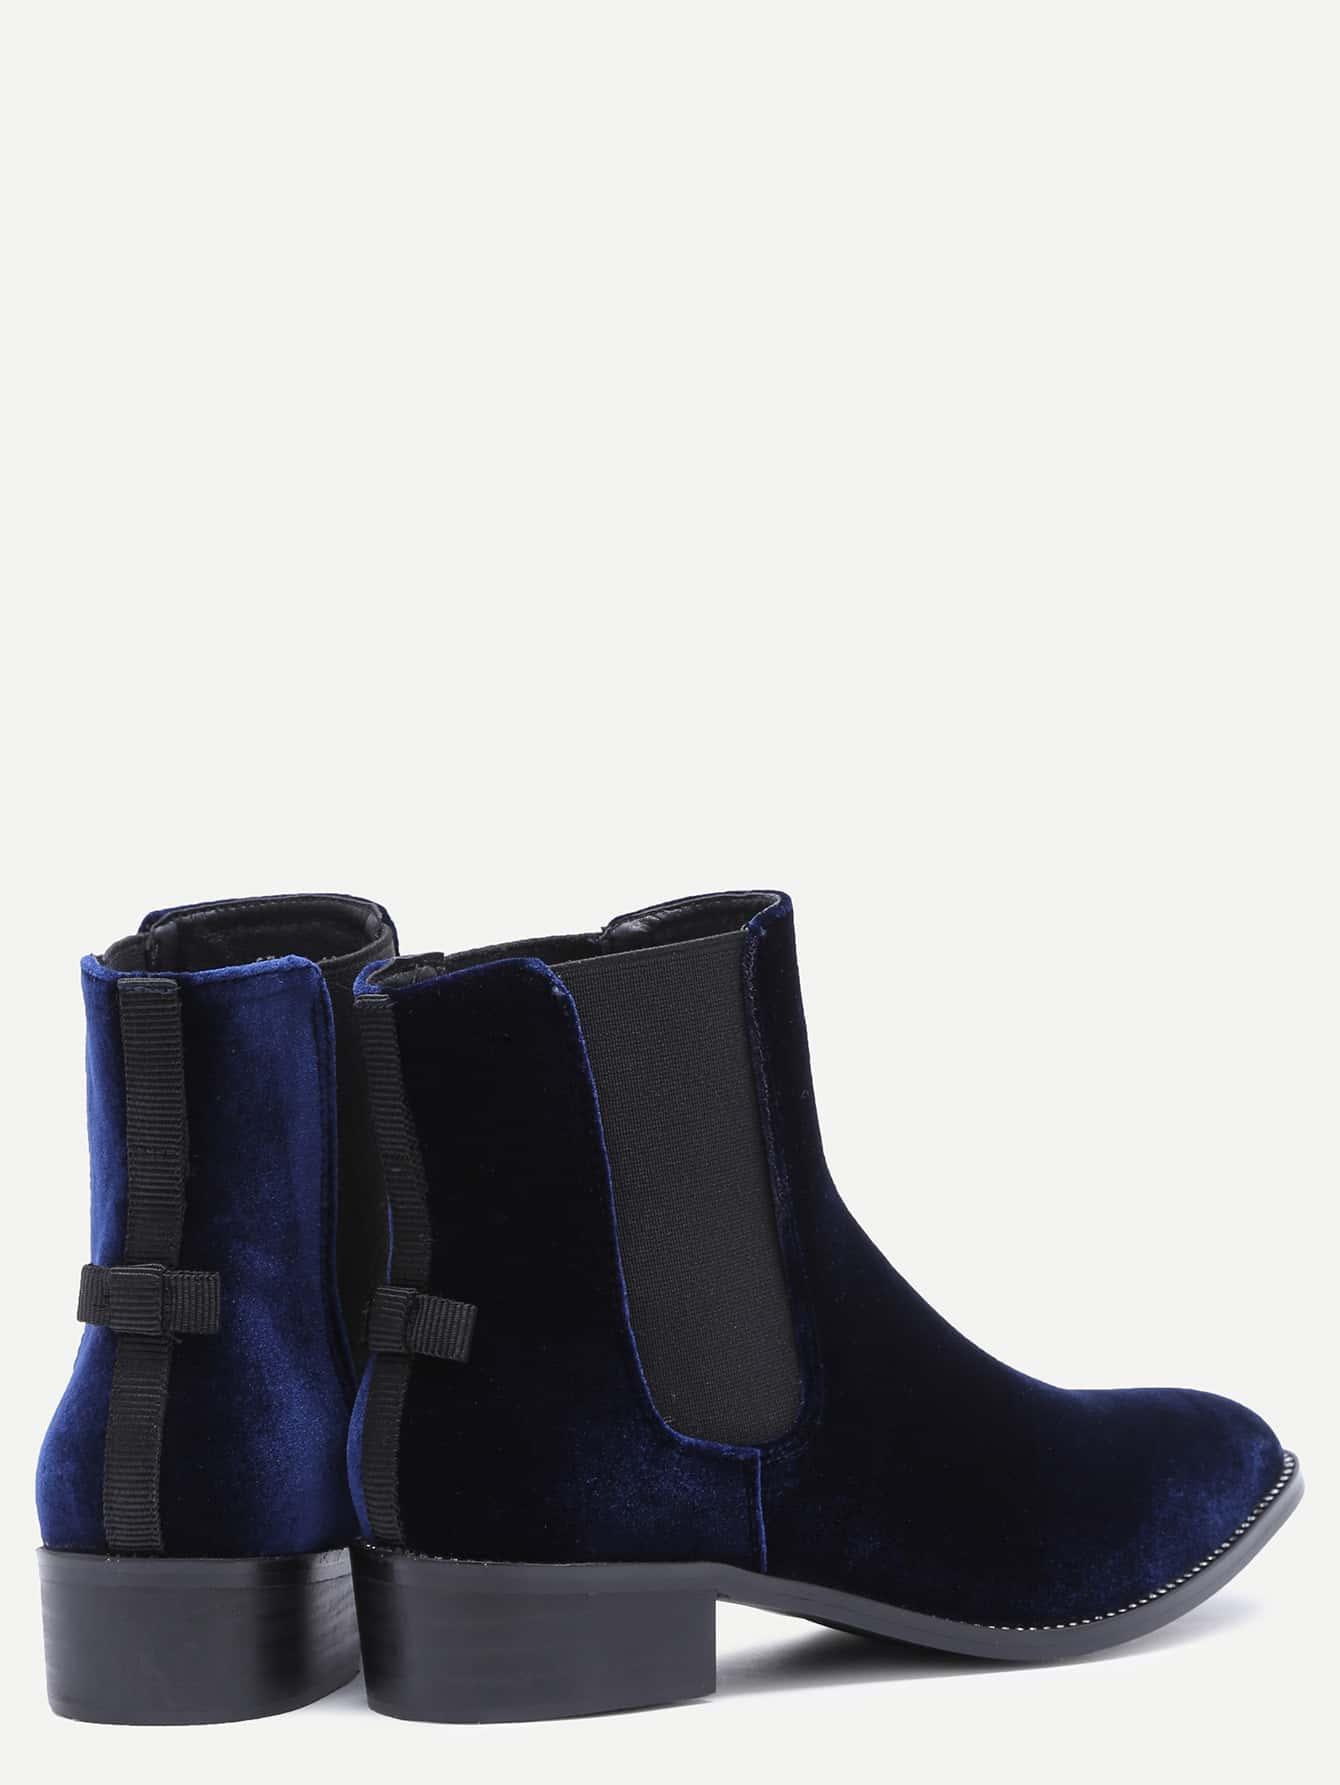 shoes161019806_2